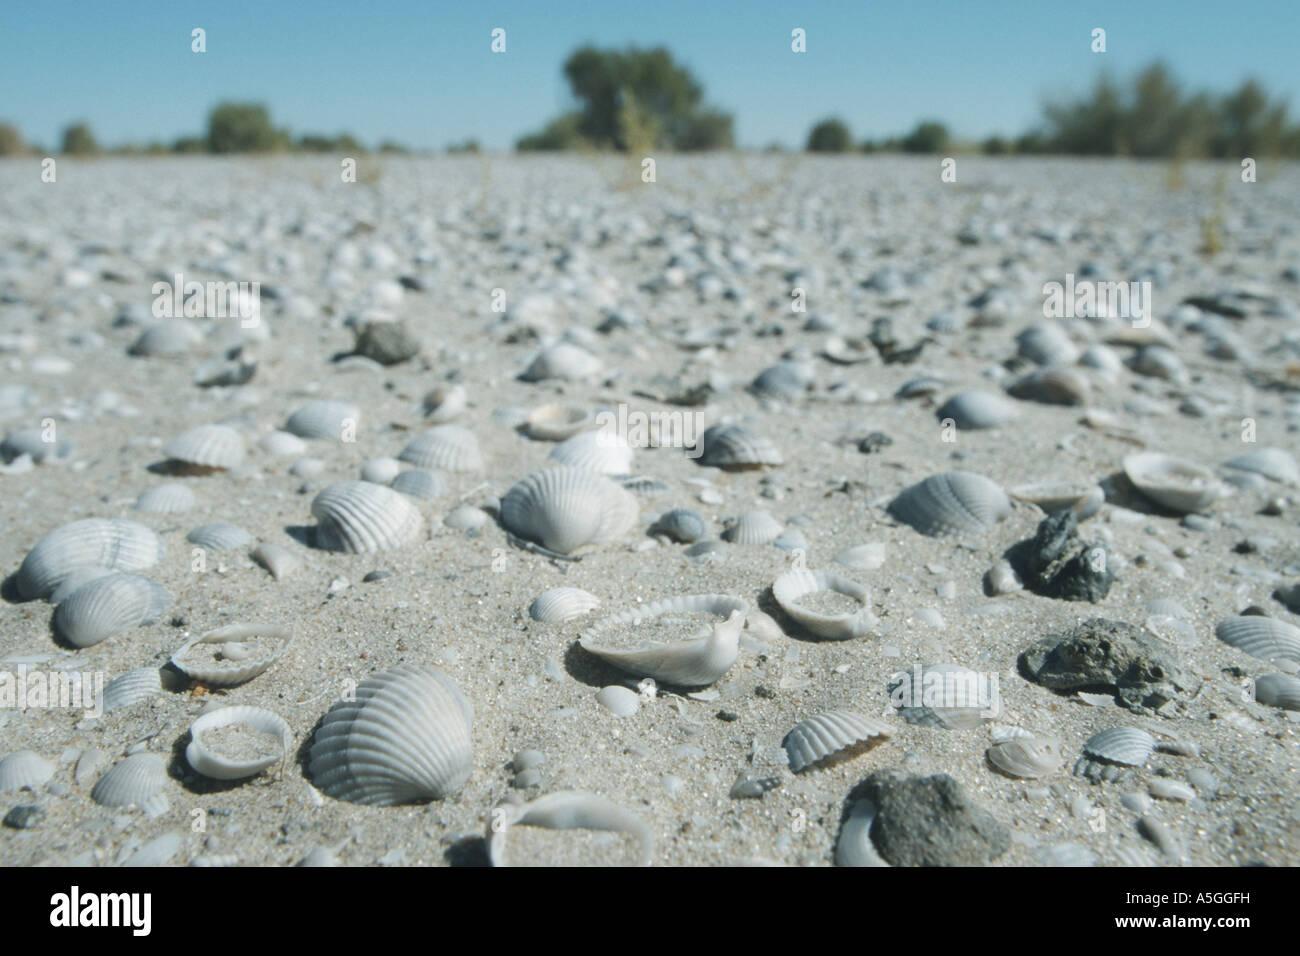 Aralsee Katastrophe